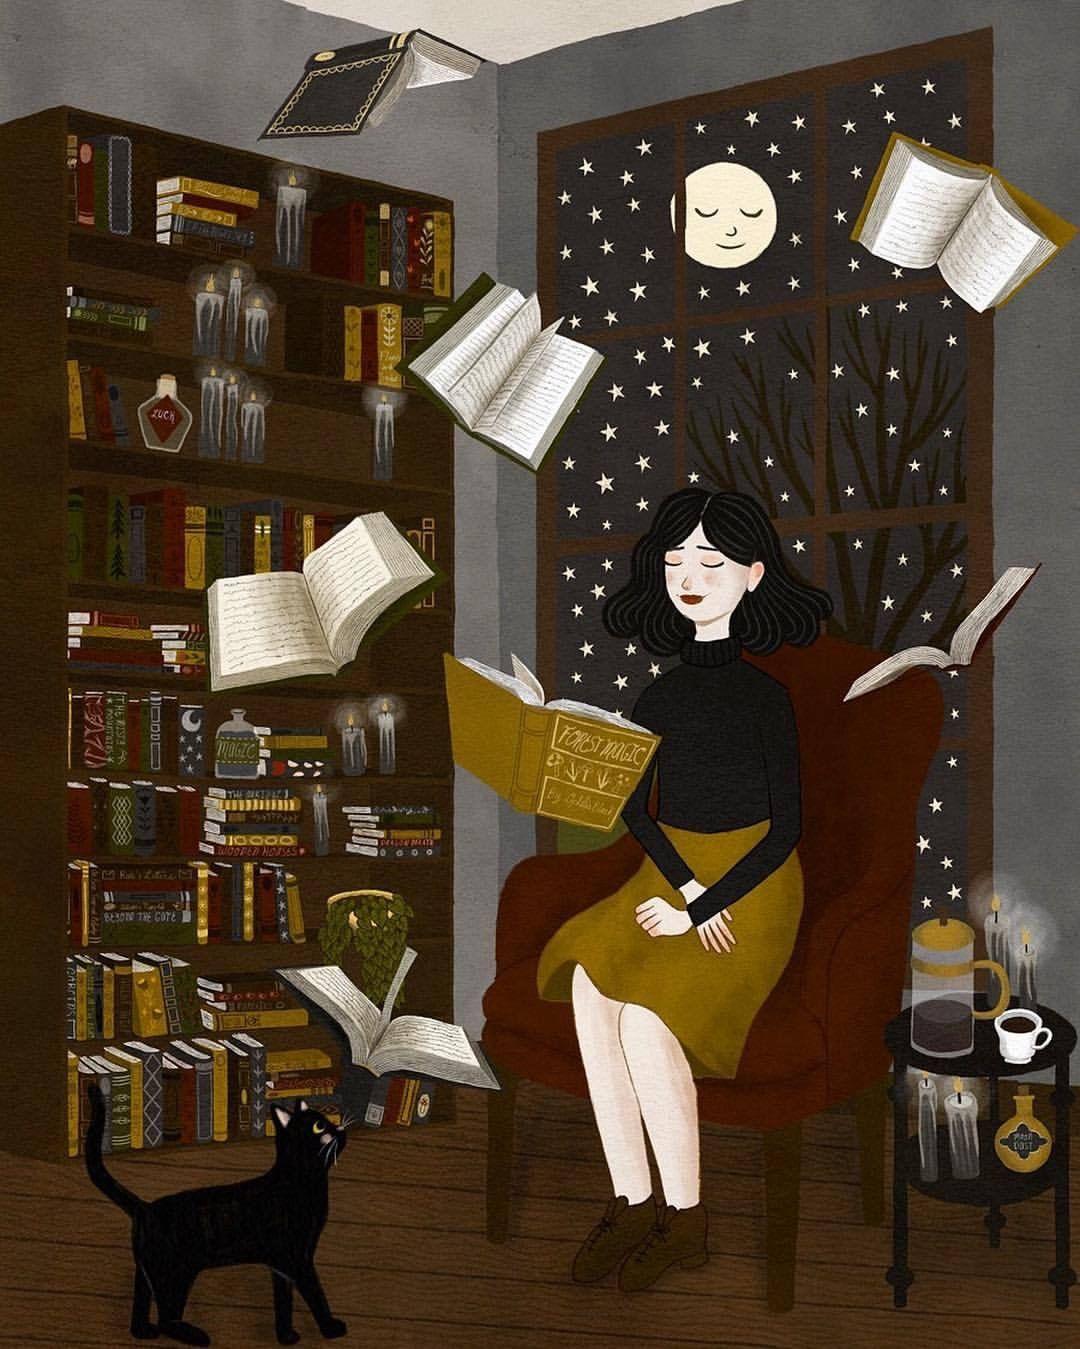 Resultado de imagem para girl reading books magic illustration